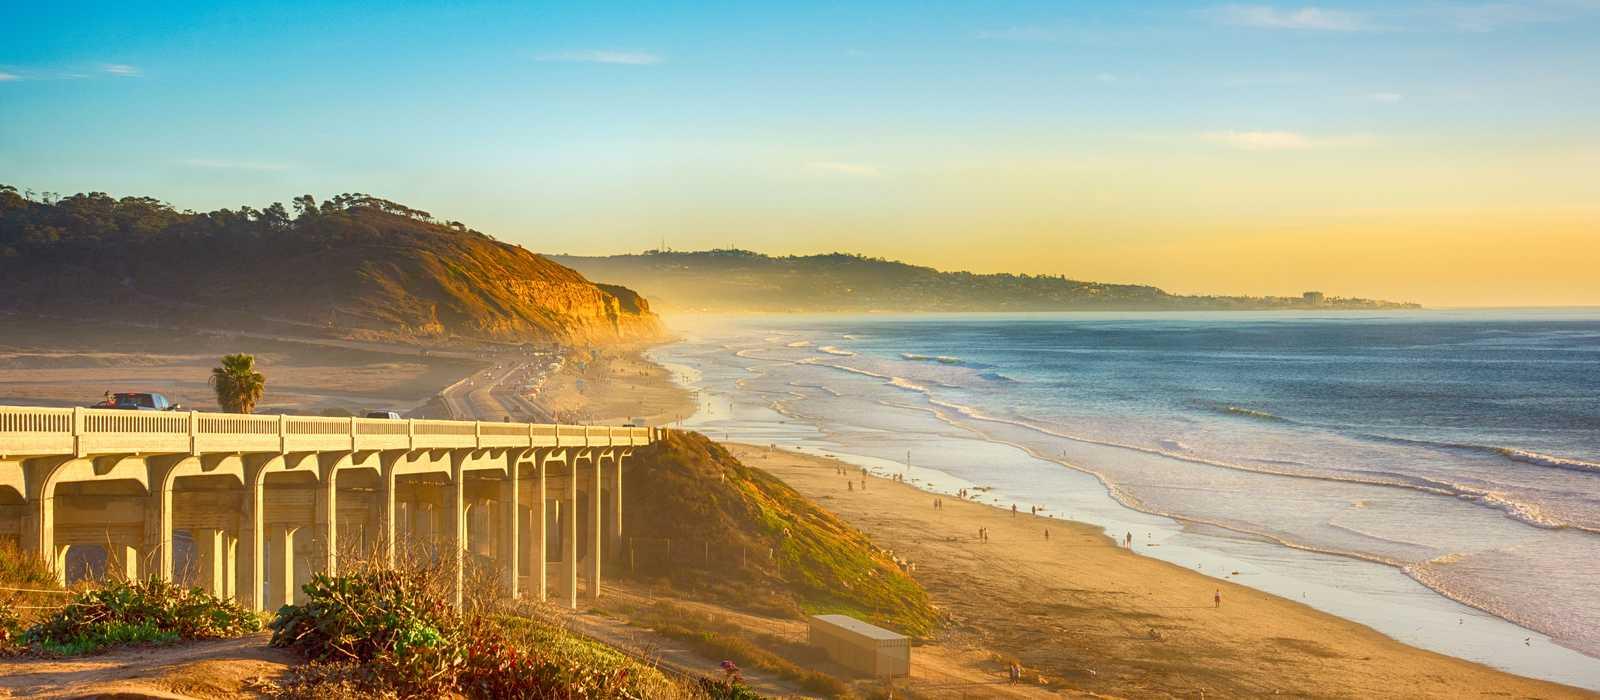 Blick auf die Torrey Pines Bridge an der Pazifikküste von Kalifornien